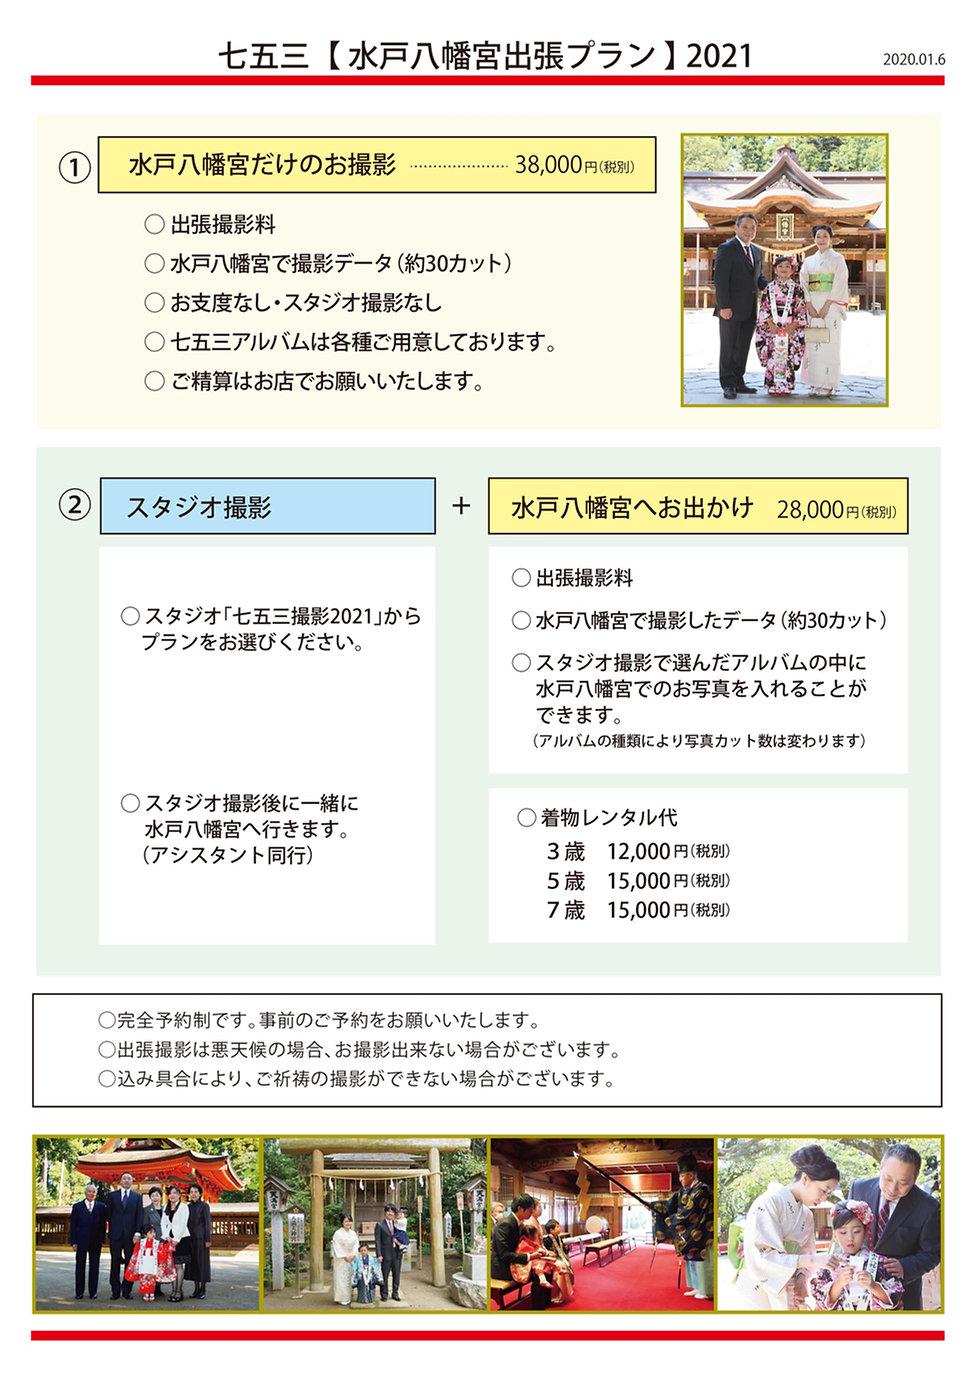 753_hahimangu_plan_2021.jpg